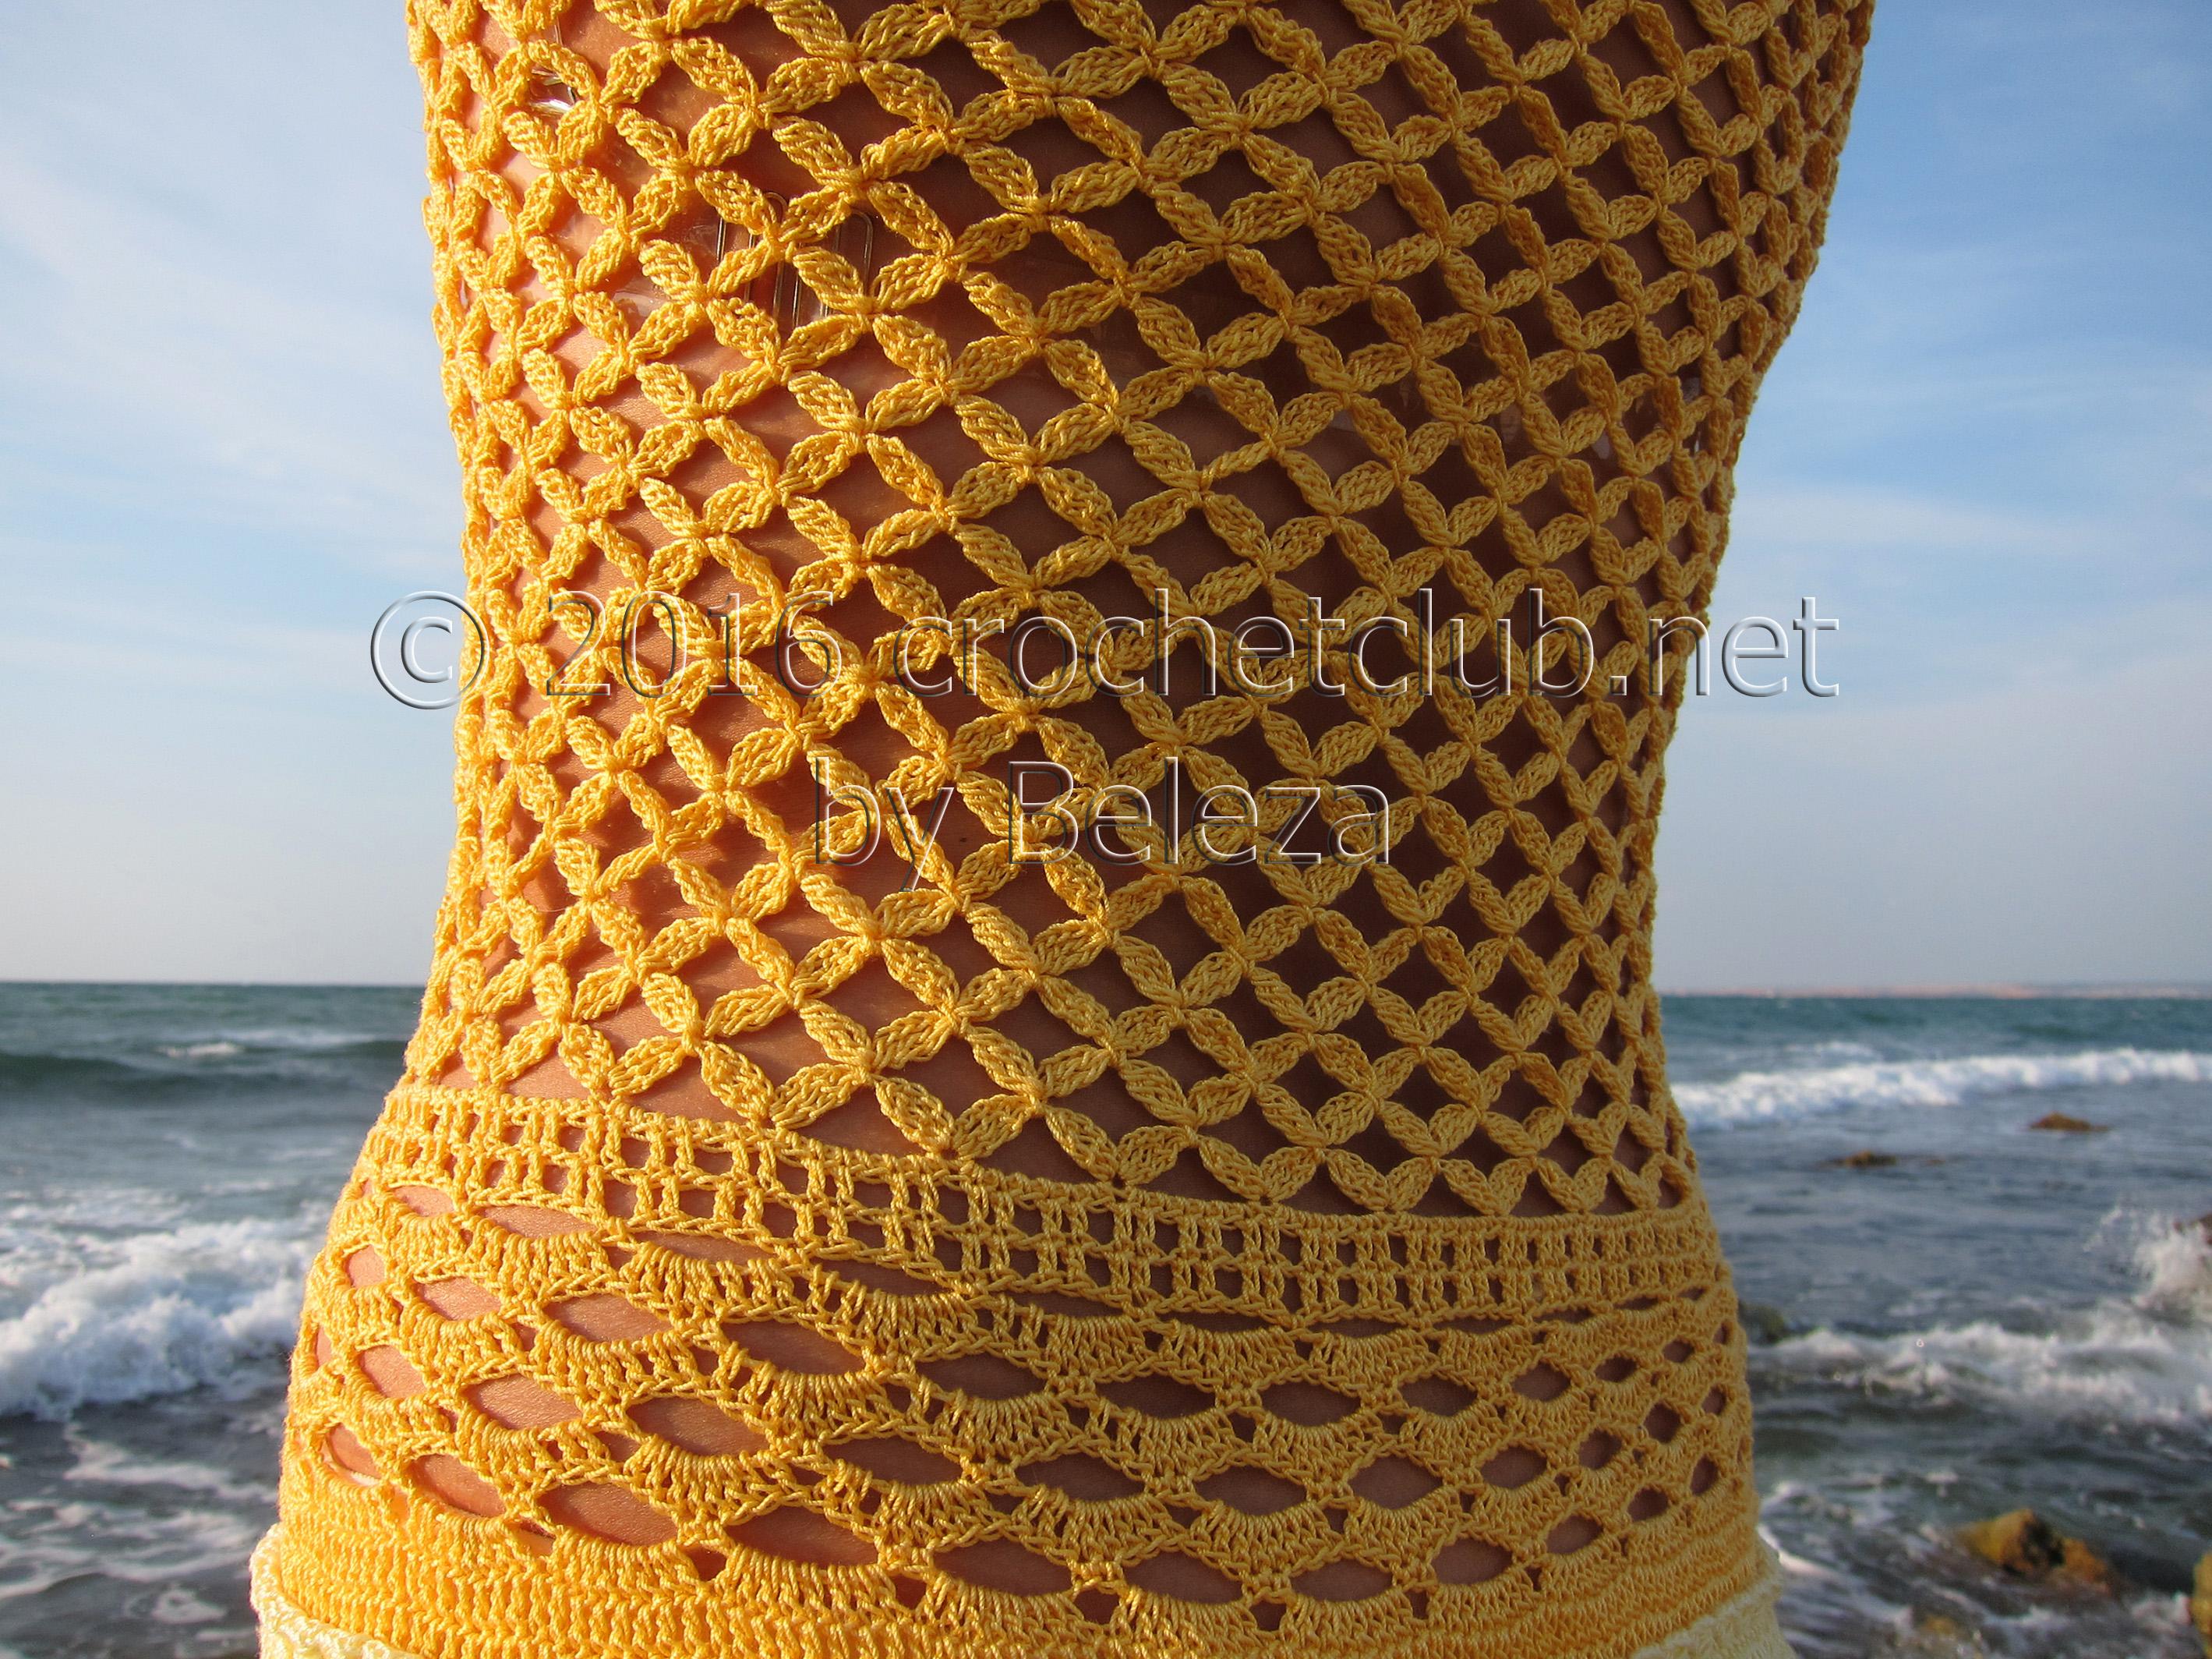 вязание крючком летнего оранжевого сарафана с воланами со схемой